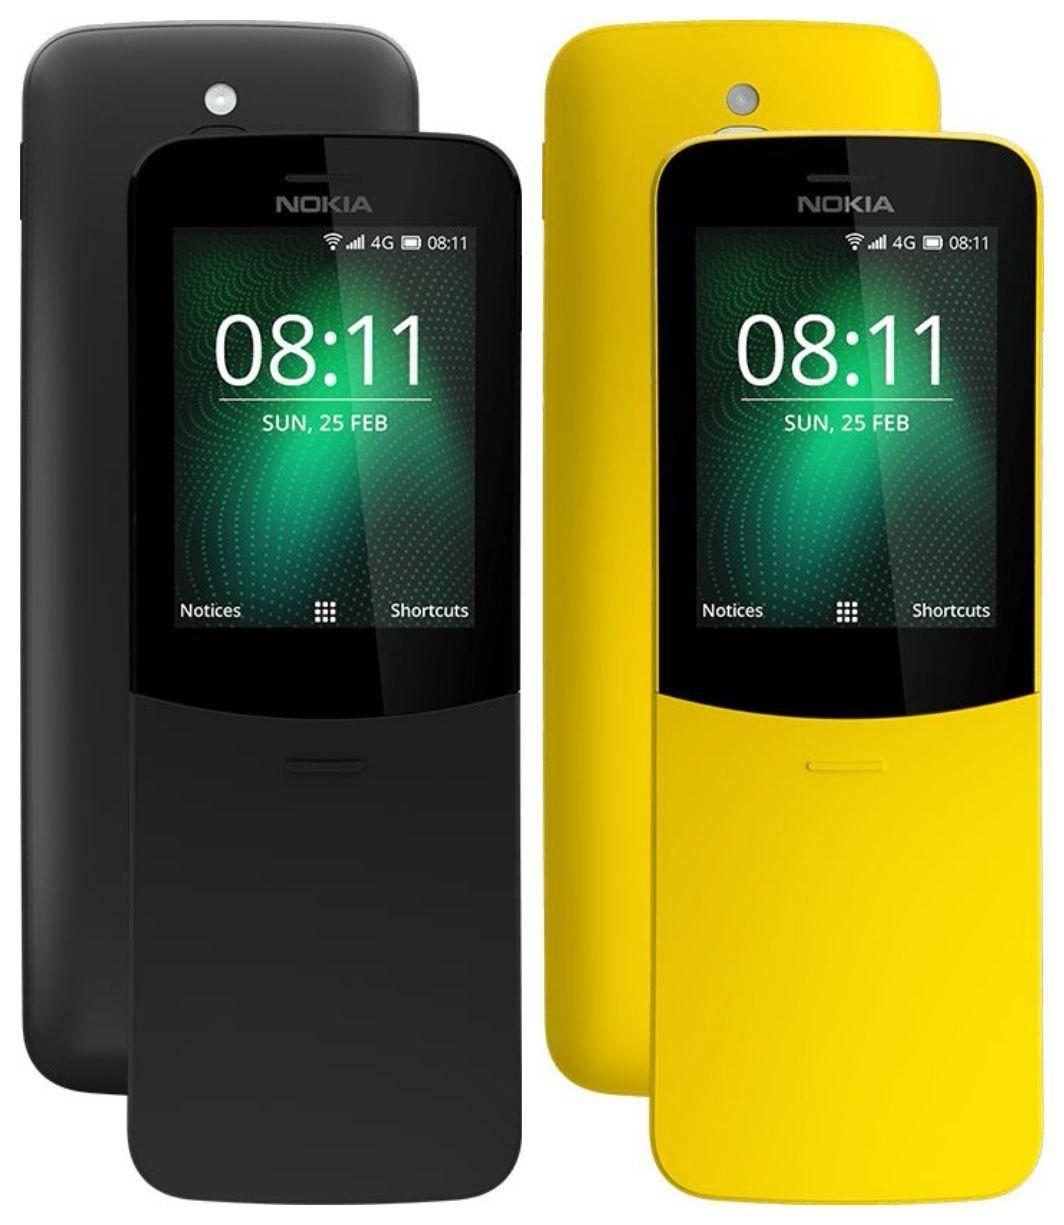 Nokia 8110 4G: Достоинства и недостатки модели